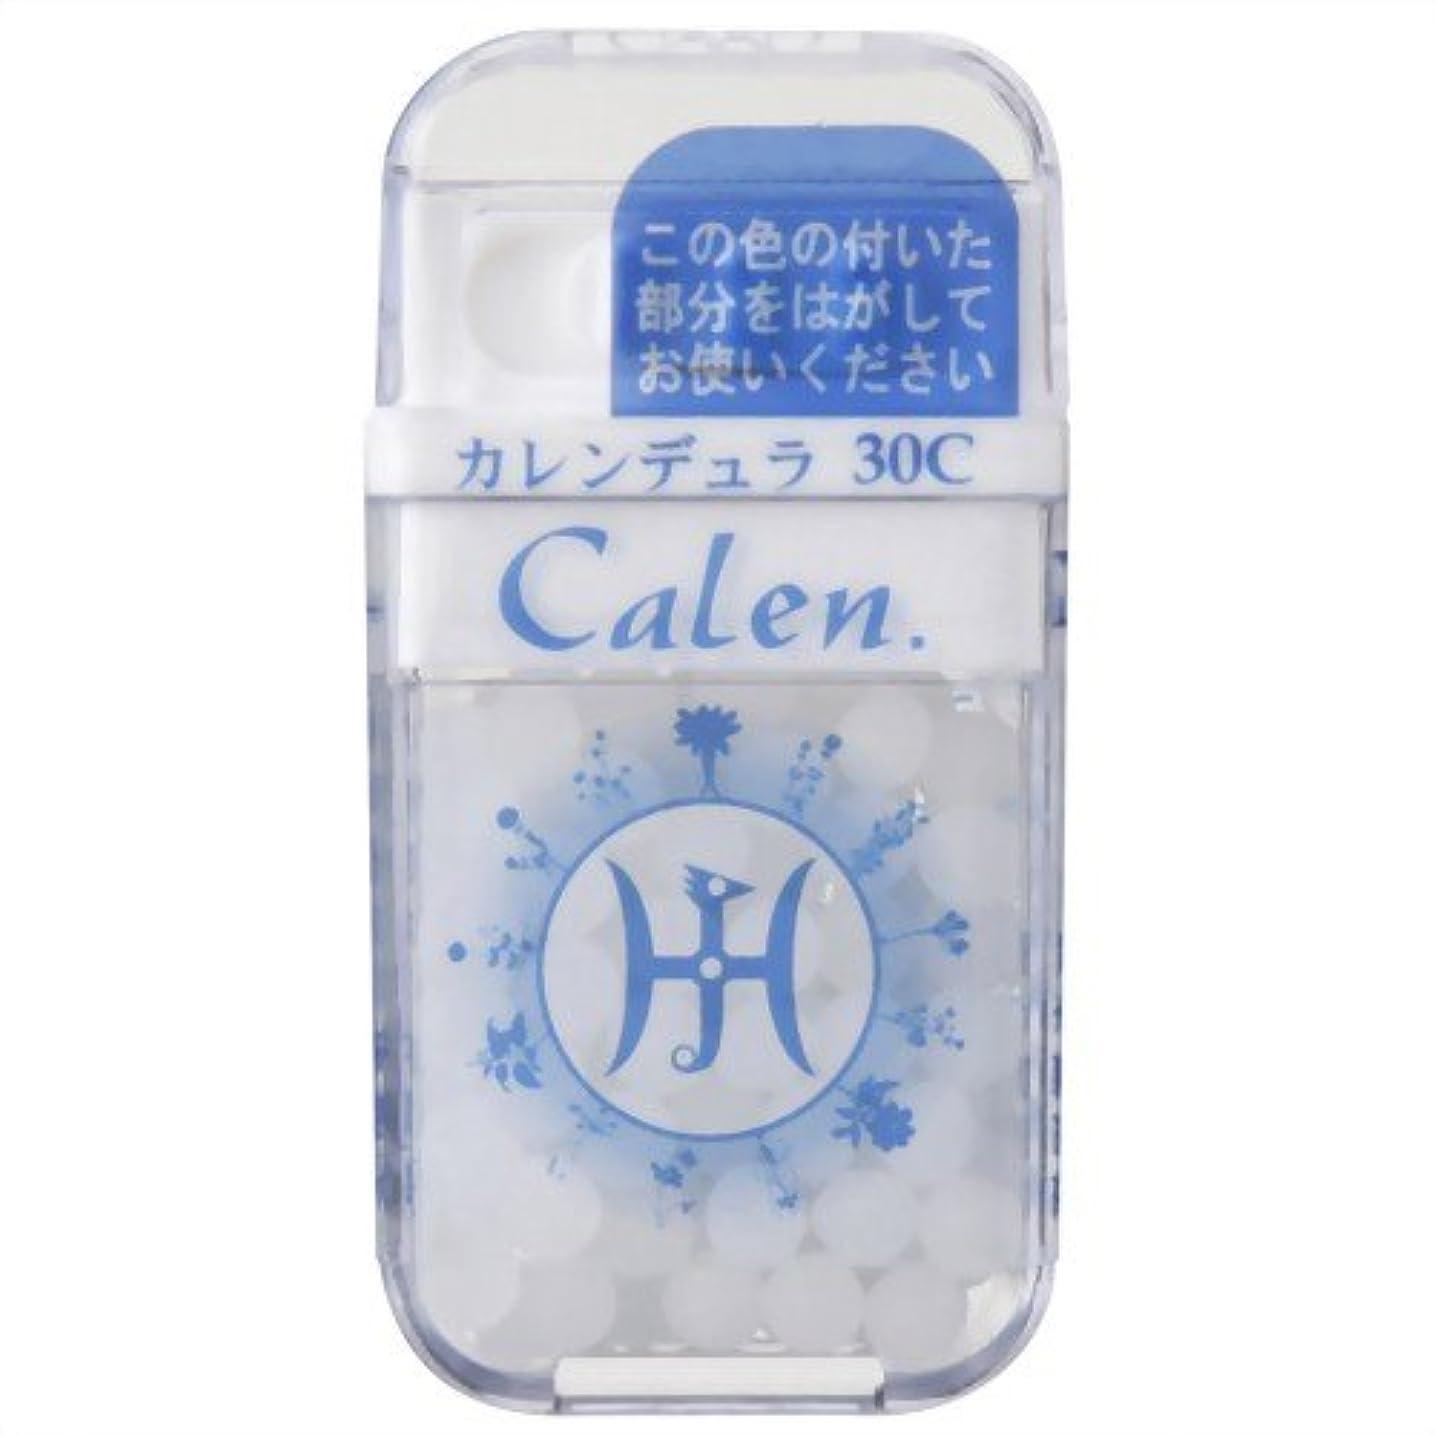 山積みのシャイ悲惨なホメオパシージャパンレメディー Calen.  カレンデュラ 30C (大ビン)